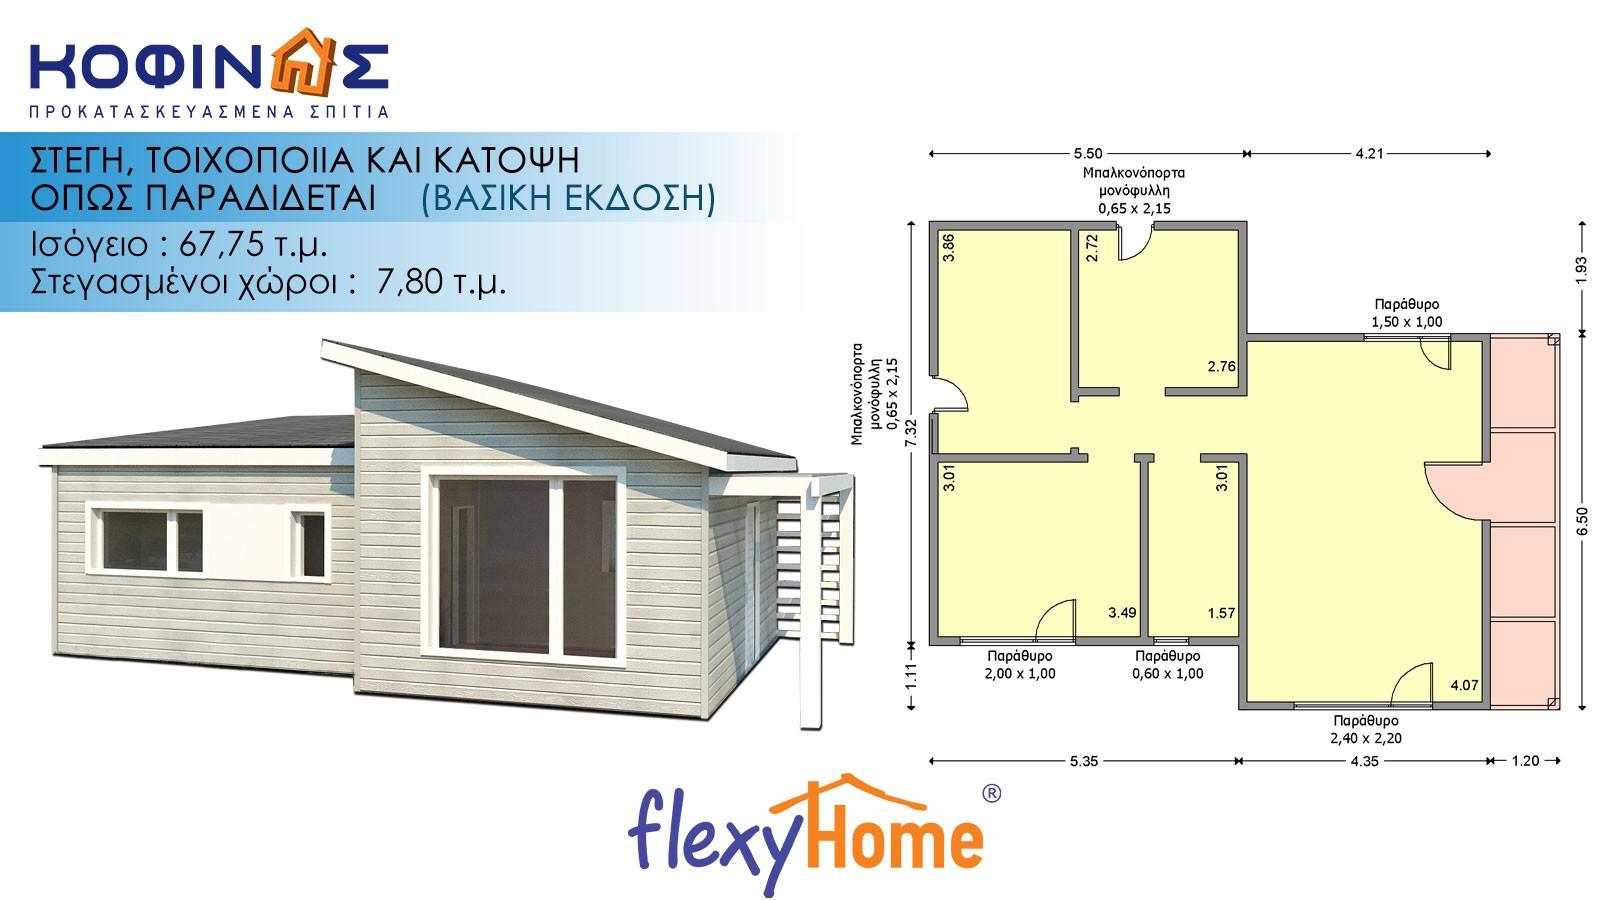 Ισόγεια flexyhome Κατοικία IF-67